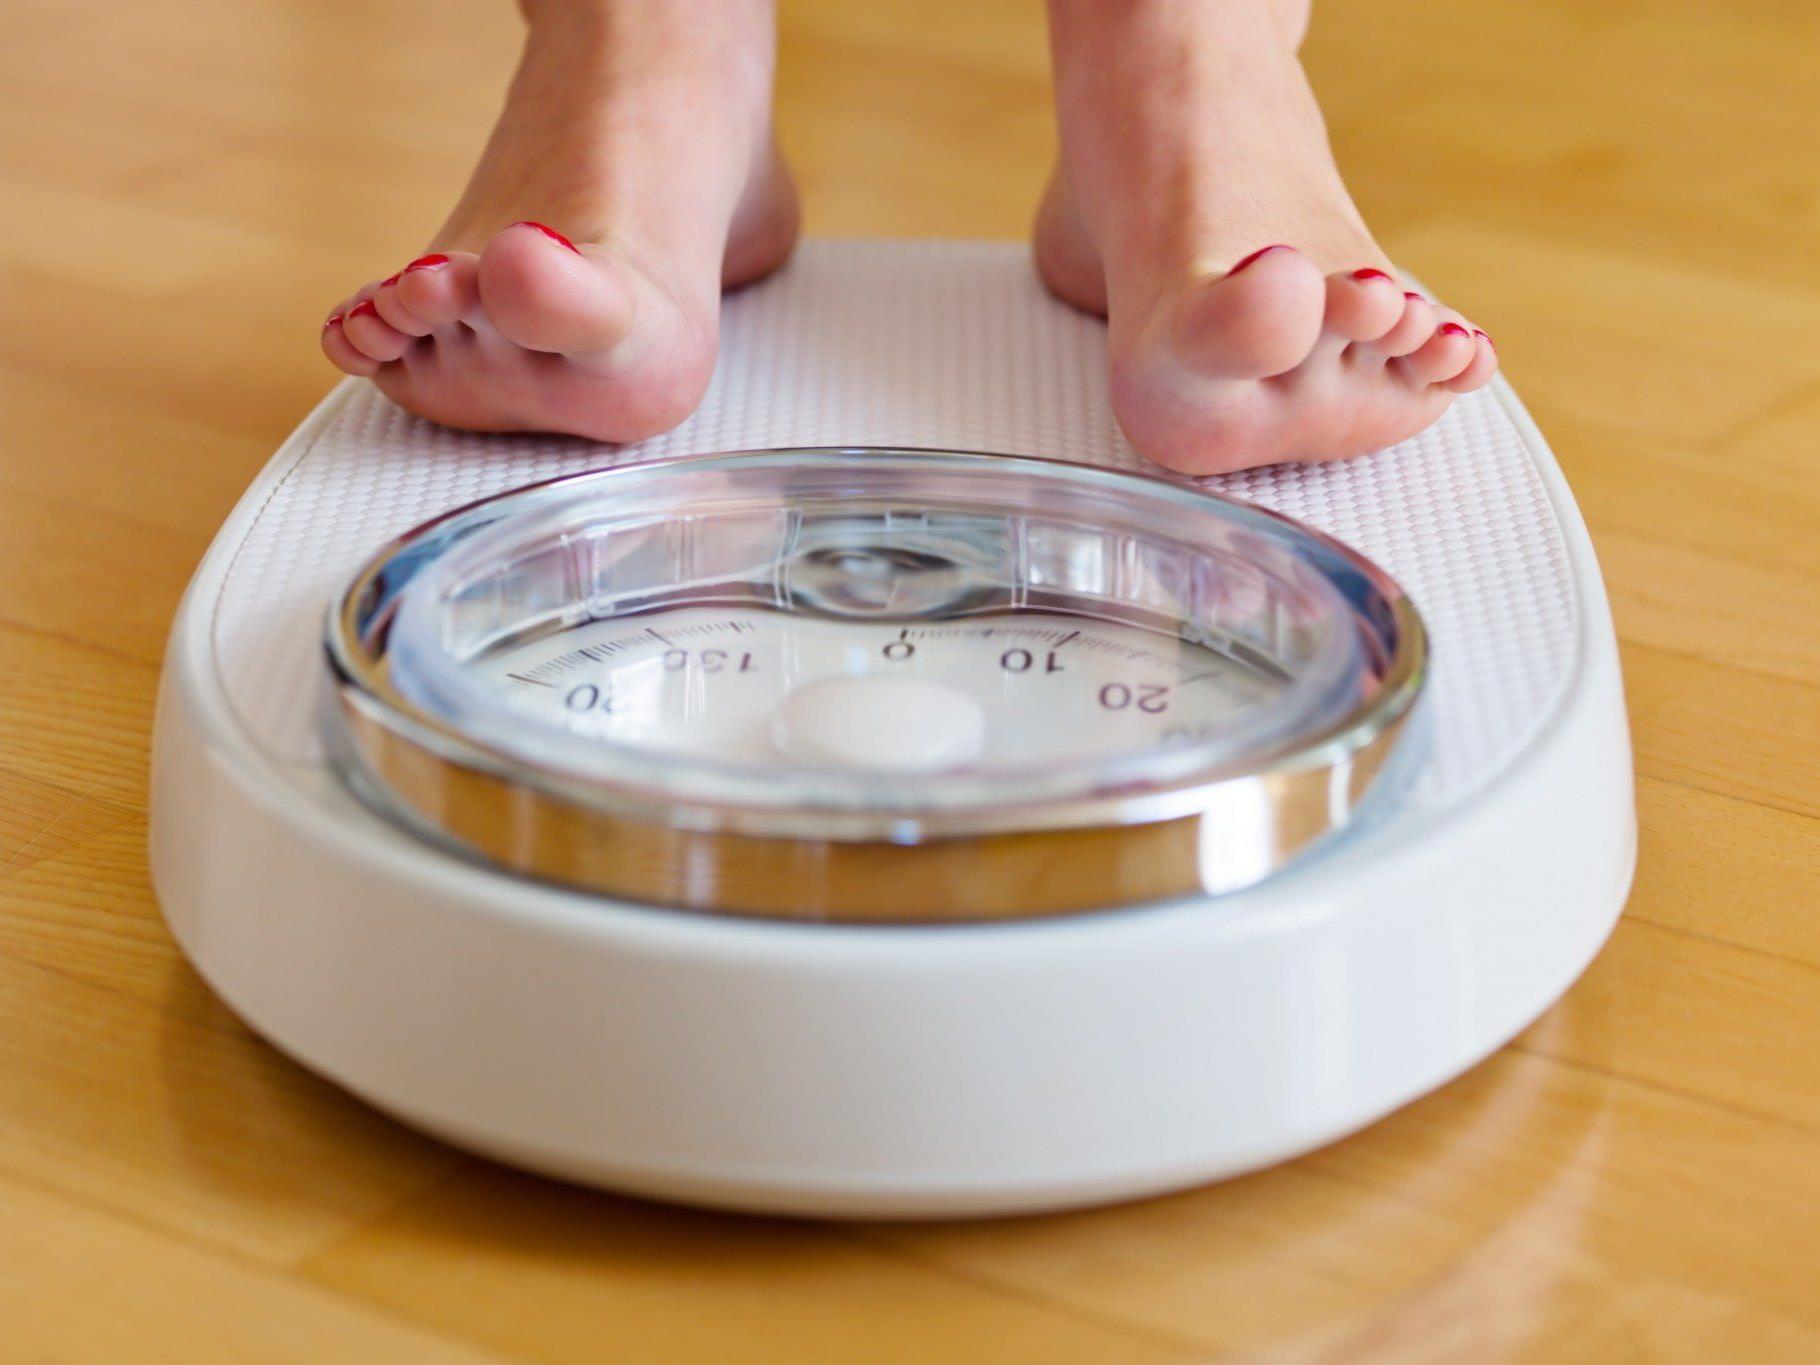 Zucker und vor allem üppige Toppings schaffen eine Kalorienfalle.